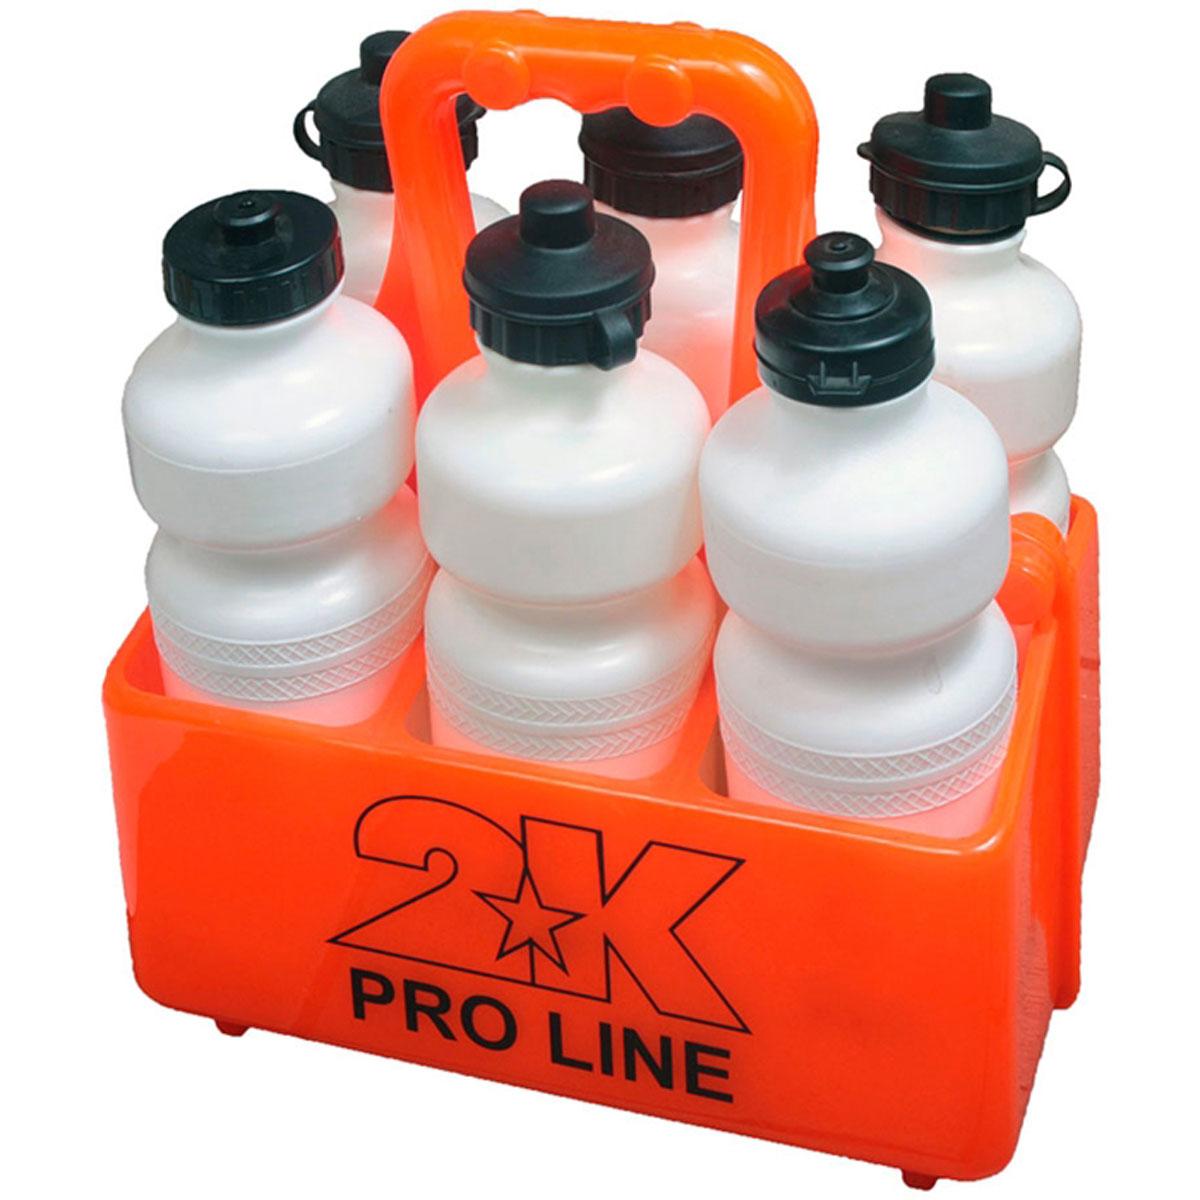 Лоток для бутылок 2K Sport, цвет: оранжевый126309Спортивный лоток 2K Sport применяется для переноса бутылок. Имеет 6 ячеек. Выполнено изделие из прочного пластика. Лоток оснащен ручкой для переноски. Бутылки в комплект не входят.